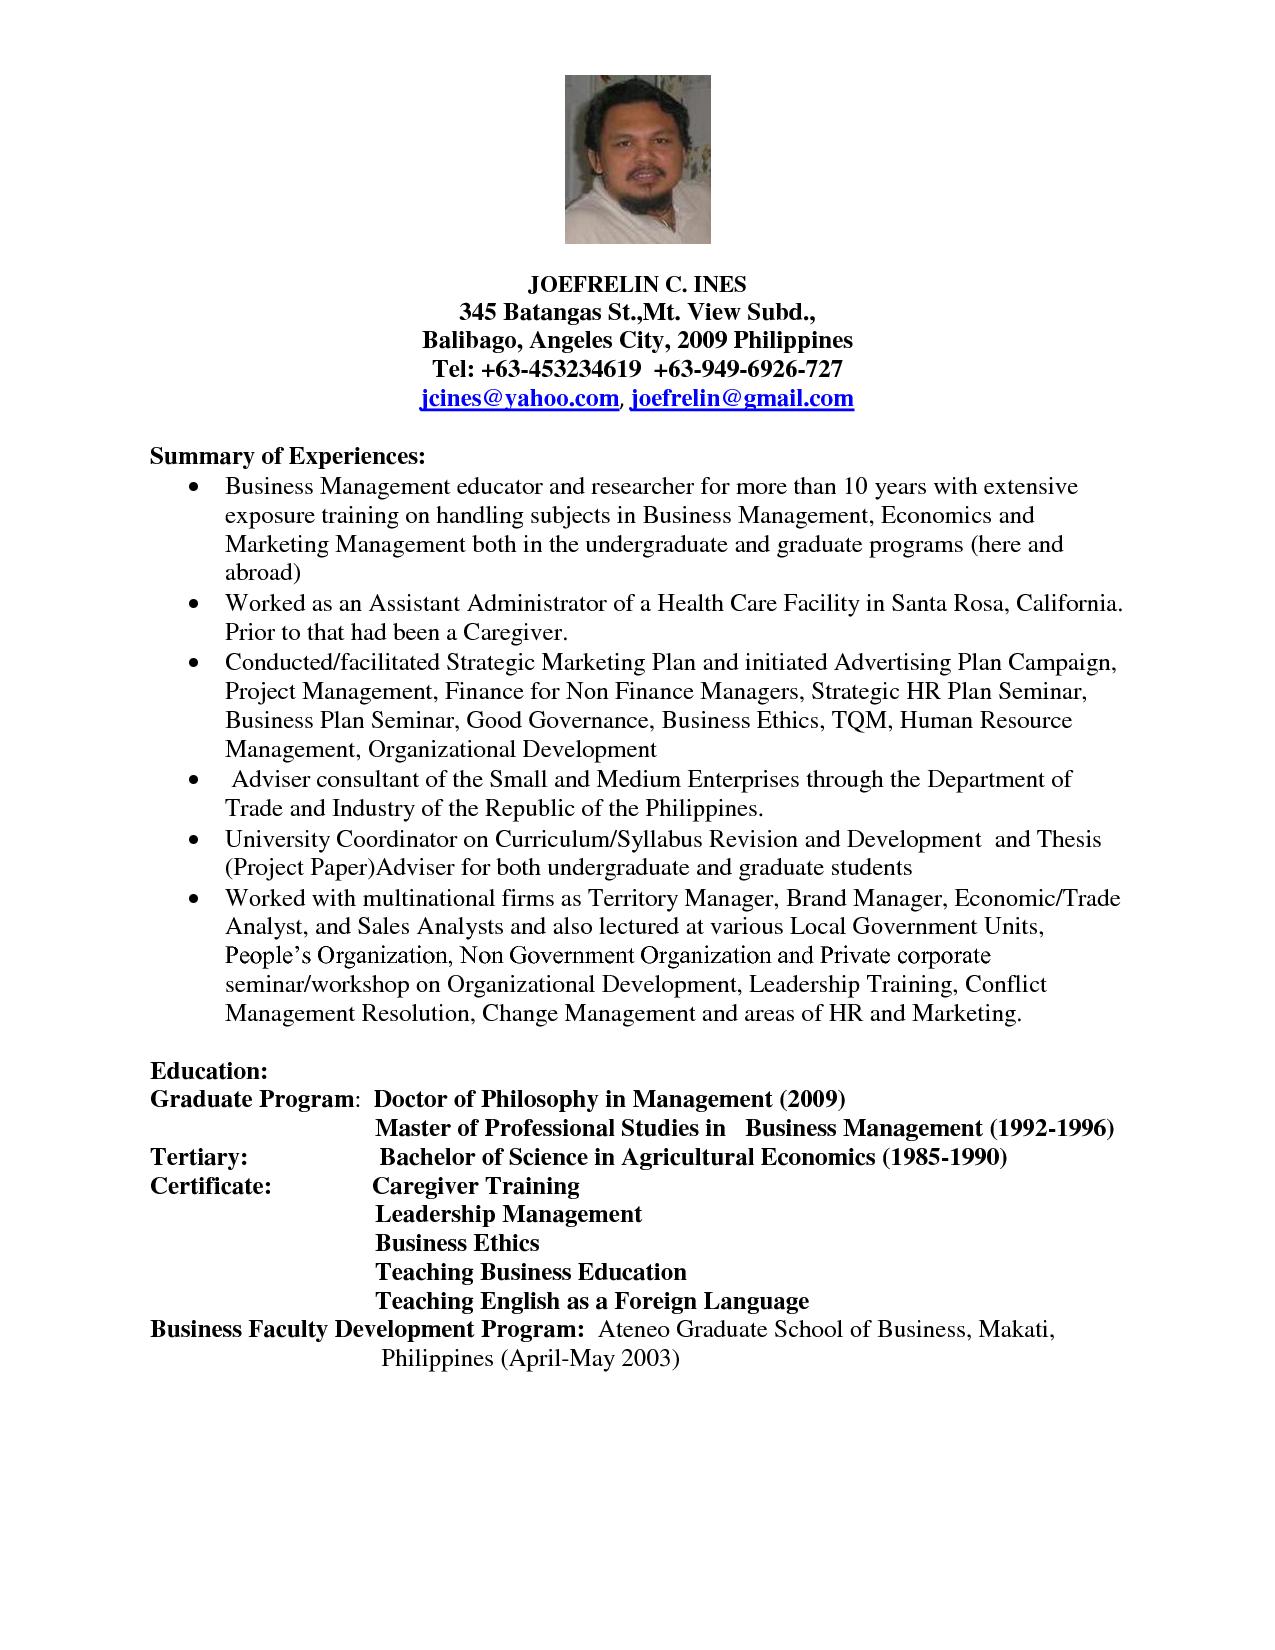 Sample Cv Lecturer Business Management Business Management Management Graduate Program